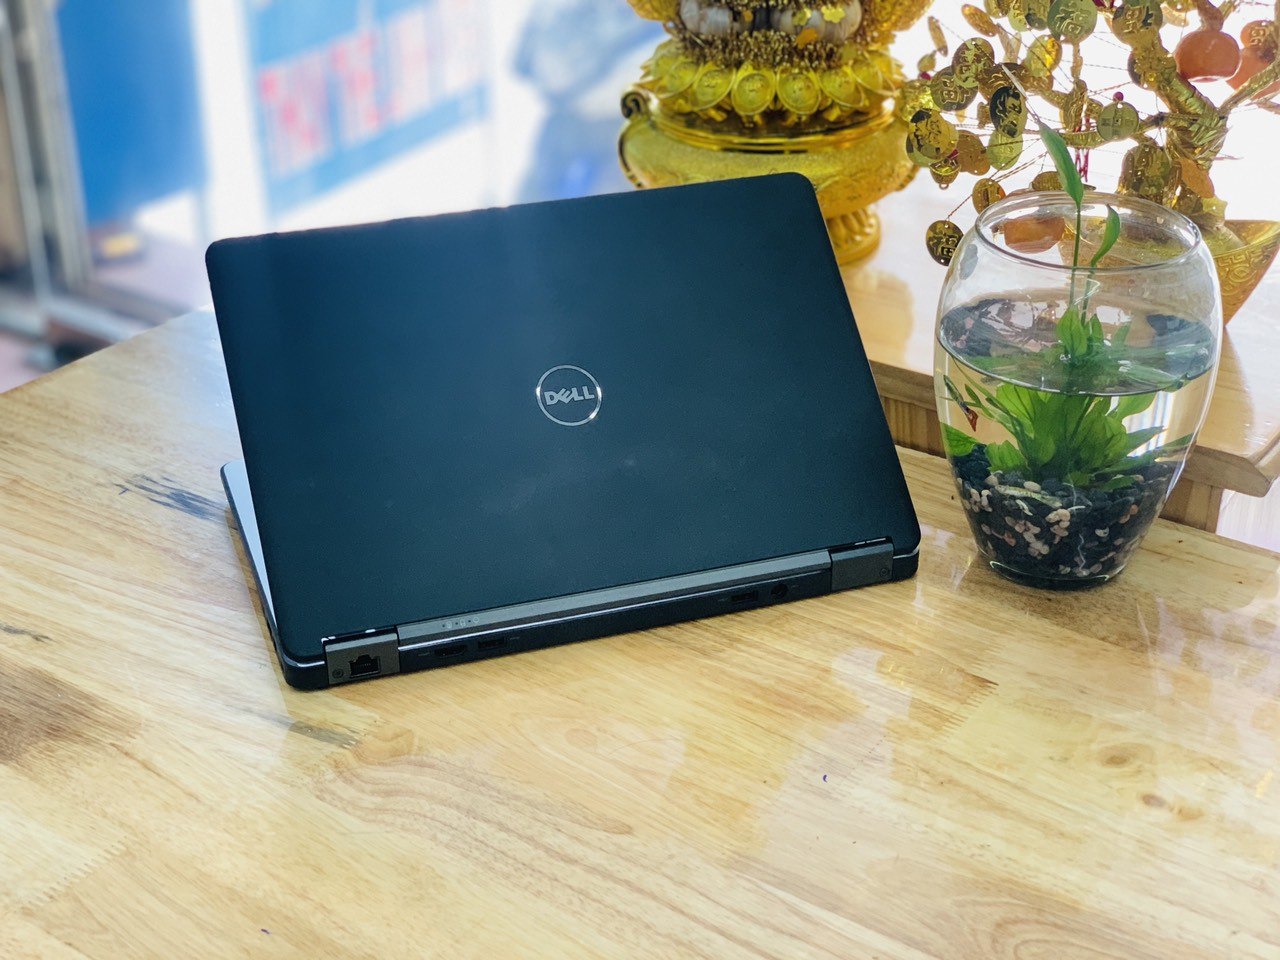 10d00842e73f03615a2e Laptop Dell Latitude E7250 i5 5300U Ram 8GB SSD 256GB 12.5 inch Siêu Bền Siêu Mỏng